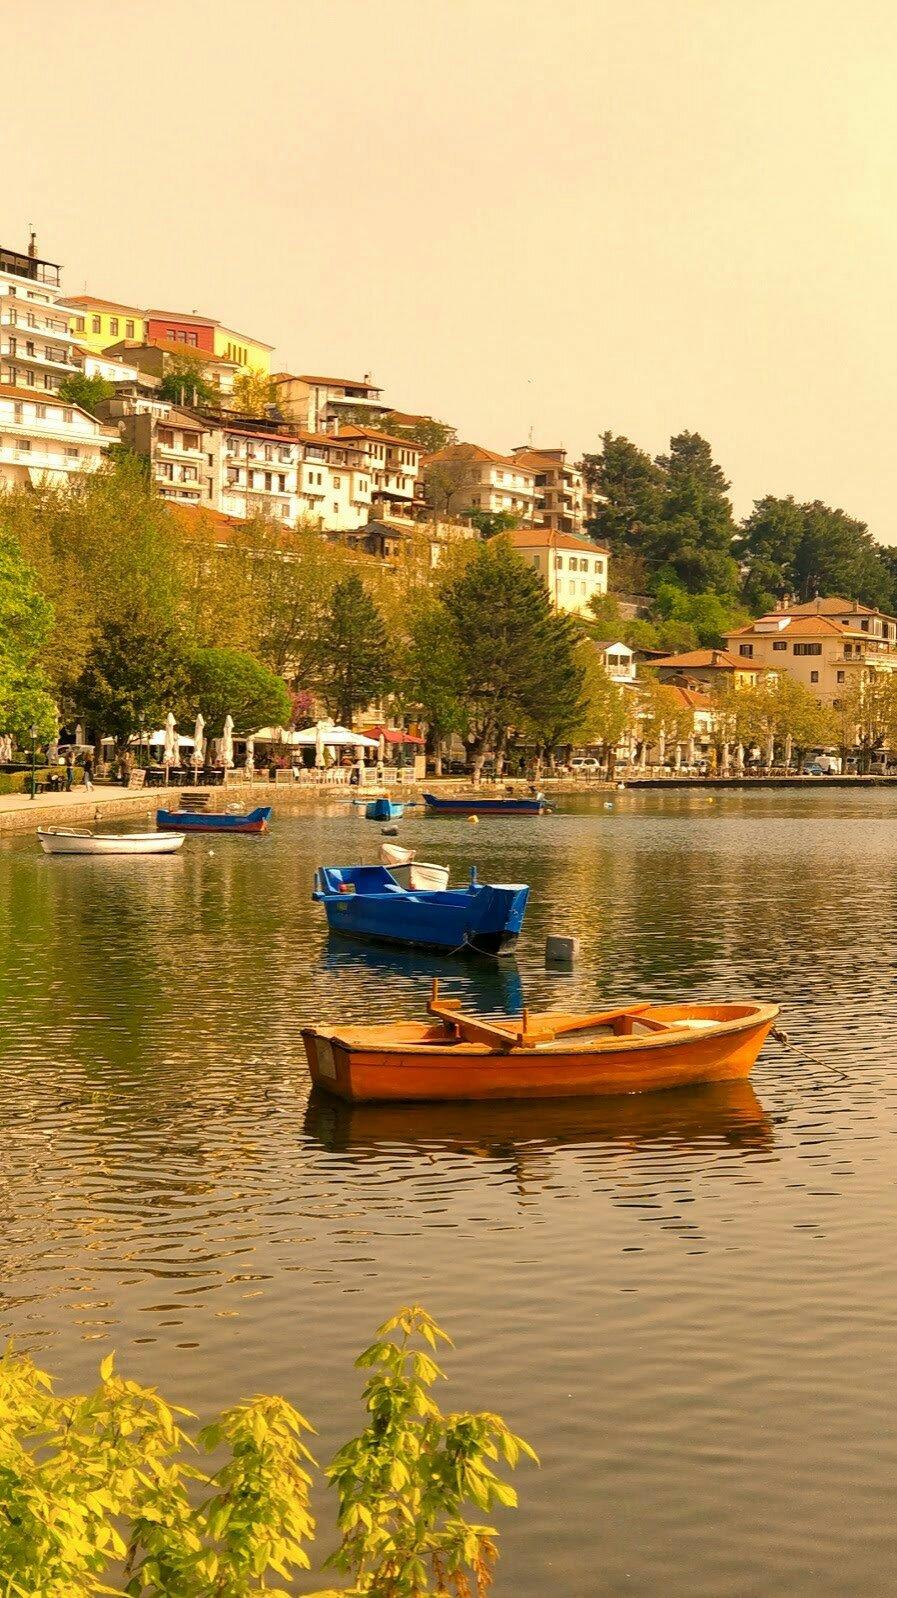 photo of Kastoria, lake, boats, houses along the lakeside